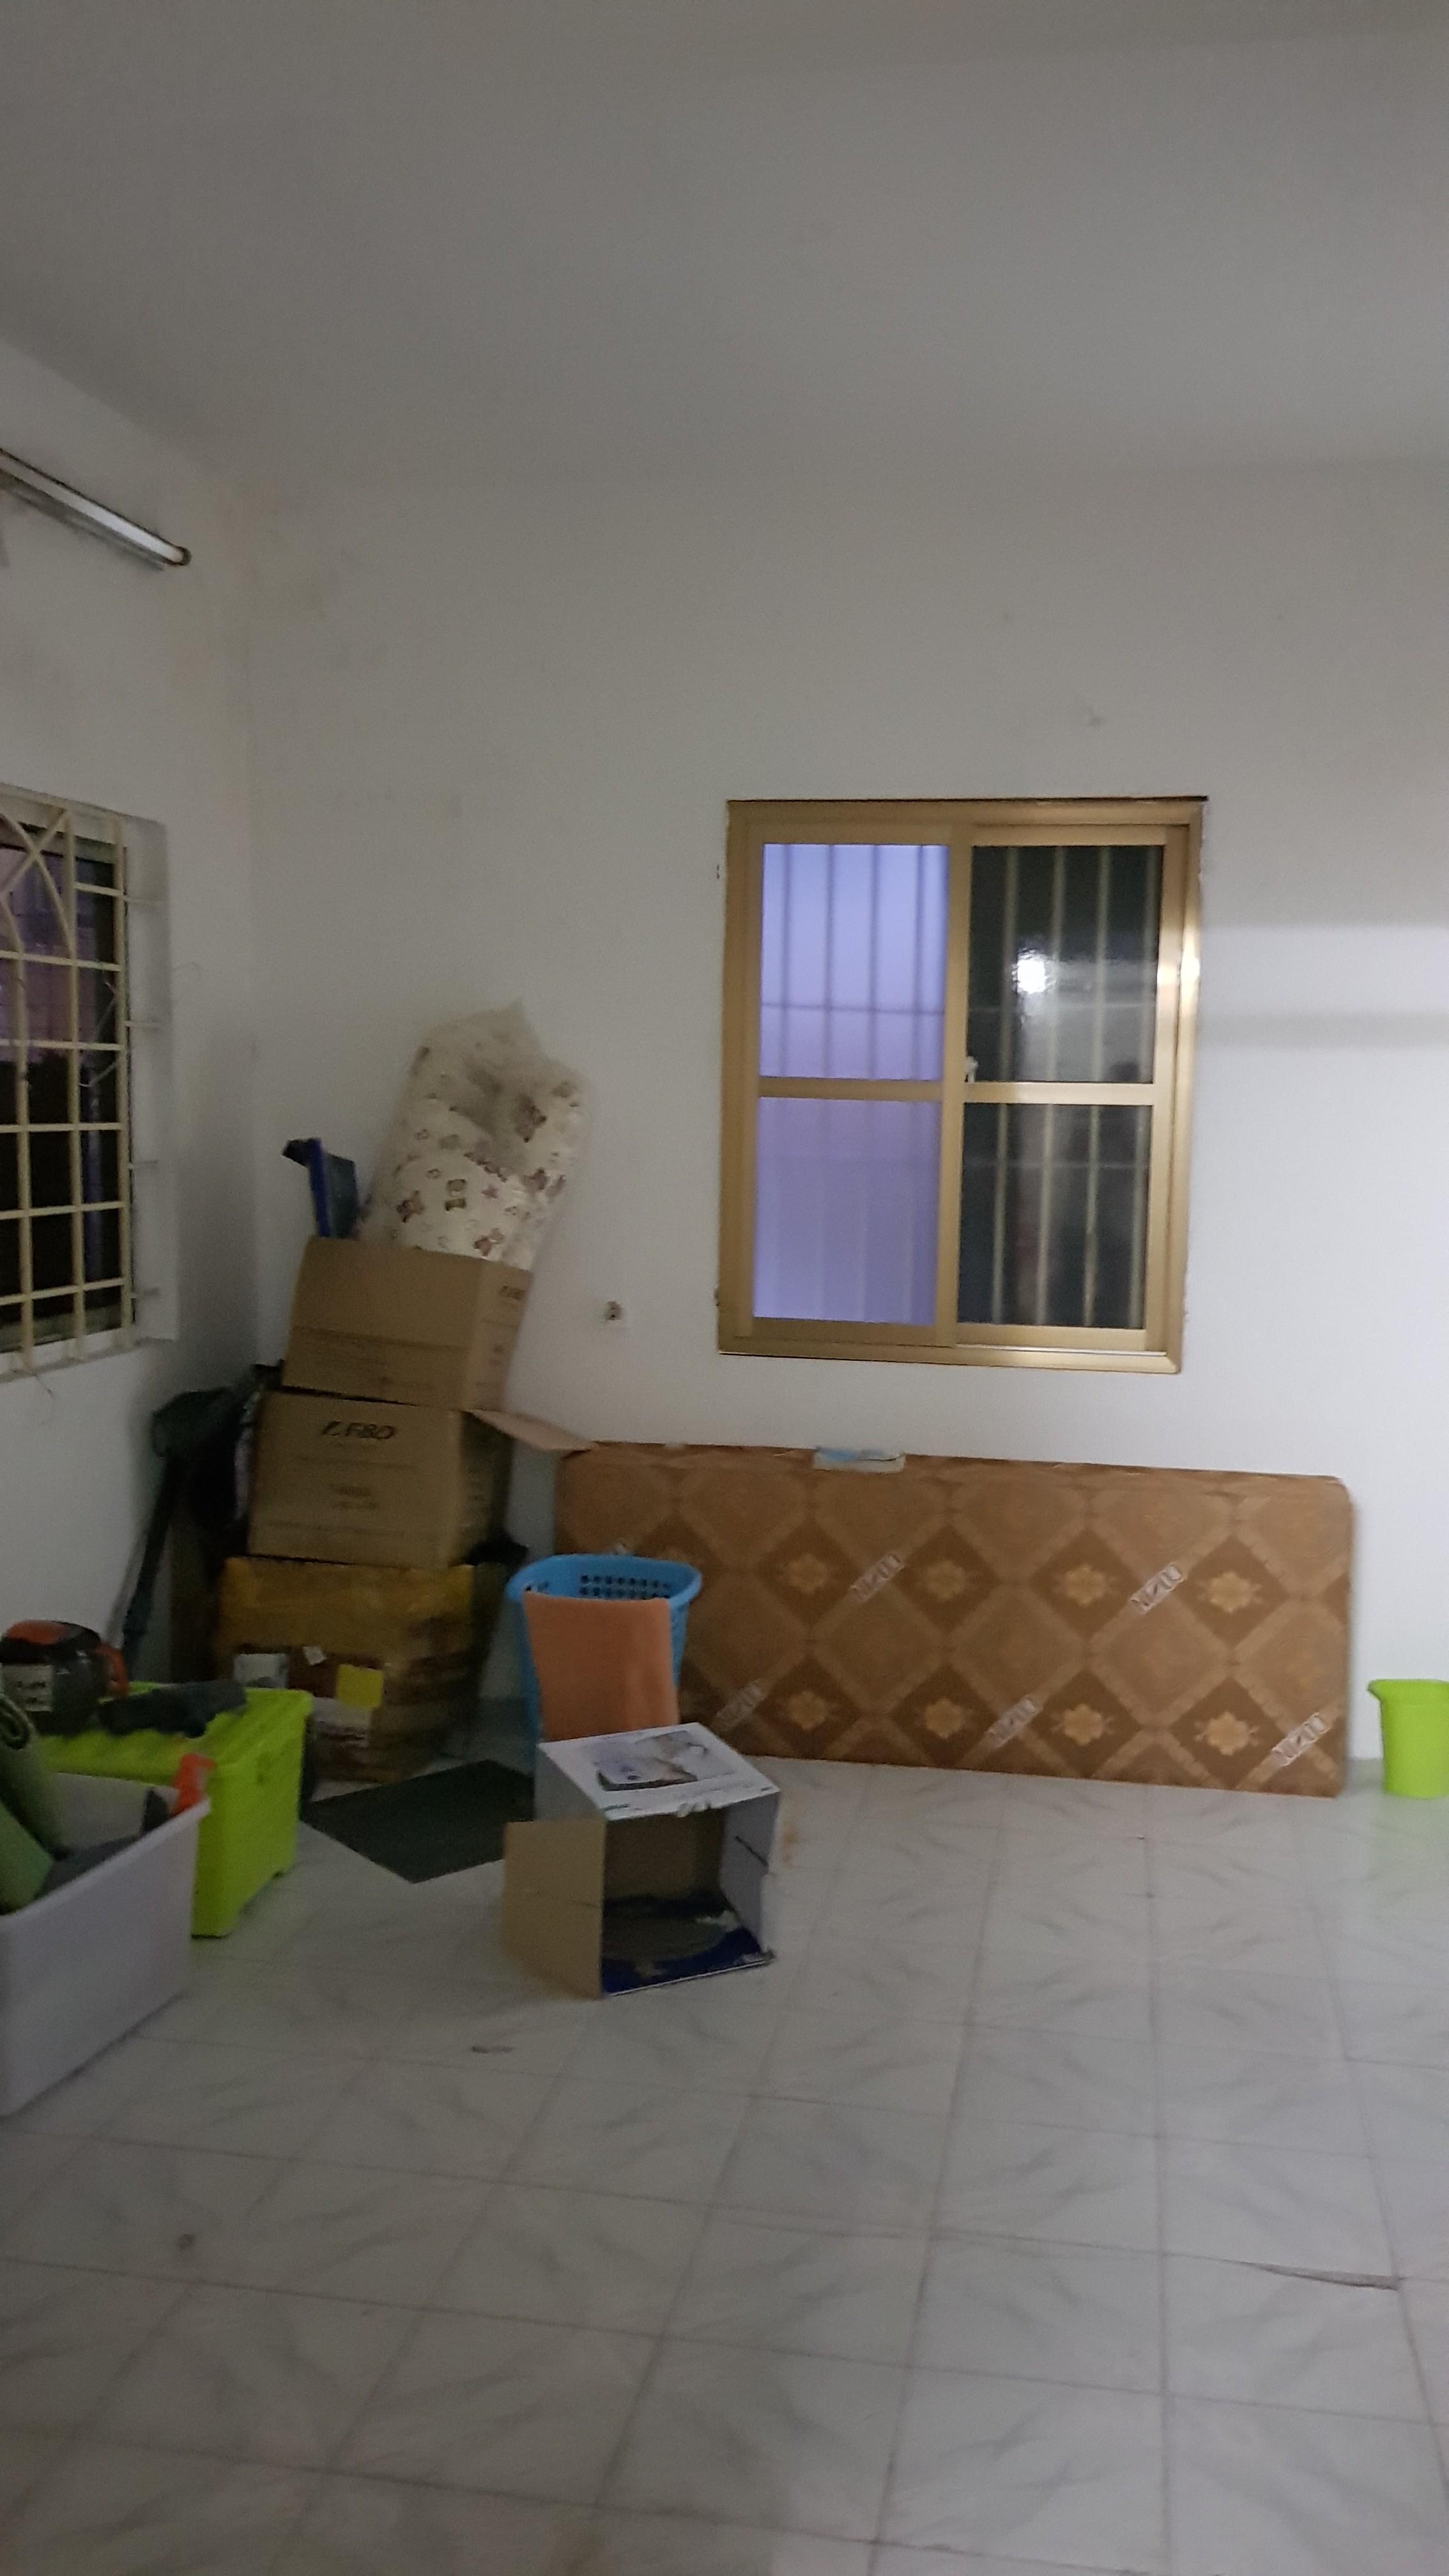 3 Bán tập thể tầng 3 phố Vũ Ngọc Phan, Nam Thành Công, Láng Hạ, giá 2.1 tỷ